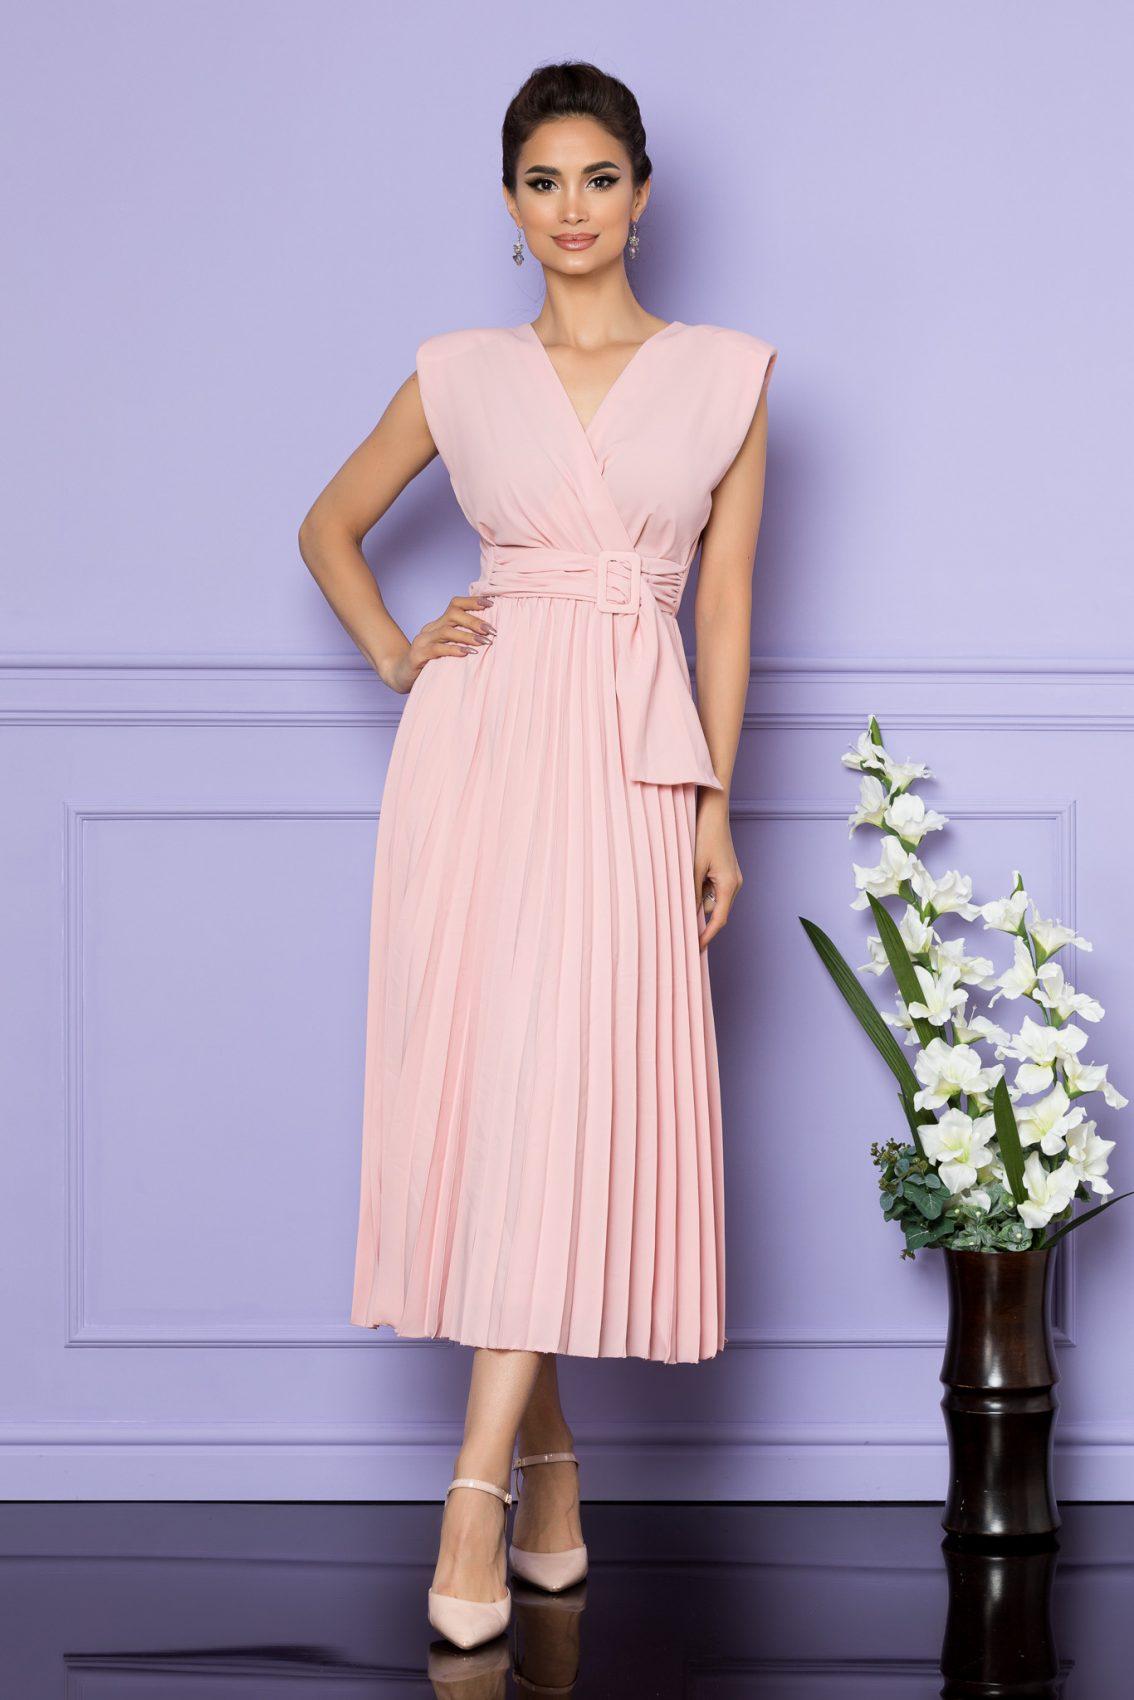 Ροζ Αμάνικο Μίντι Κρουαζέ Φόρεμα Carmen A679 1